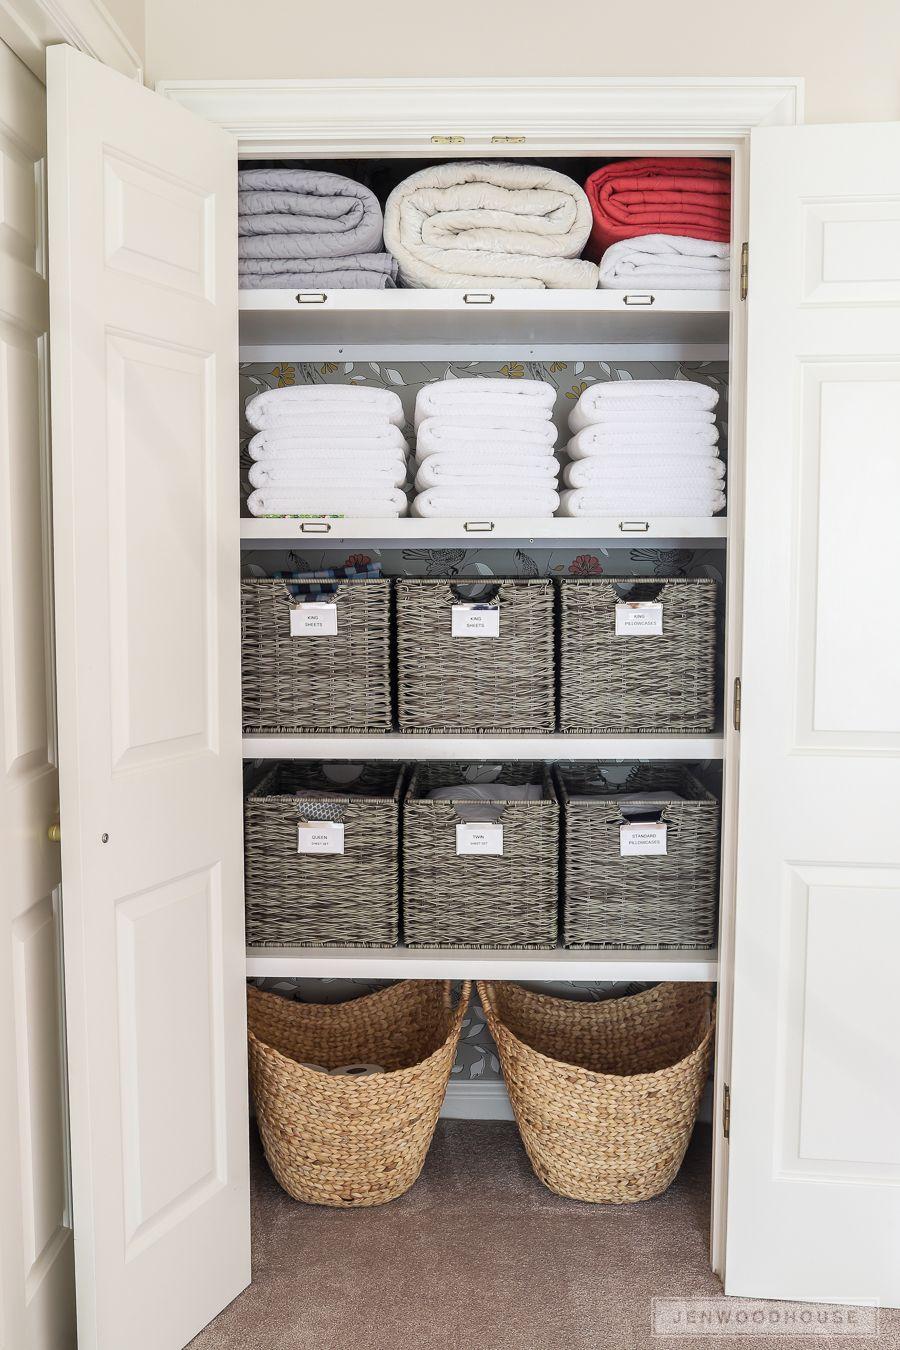 Linen Closet Organization - How to organize your linen closet